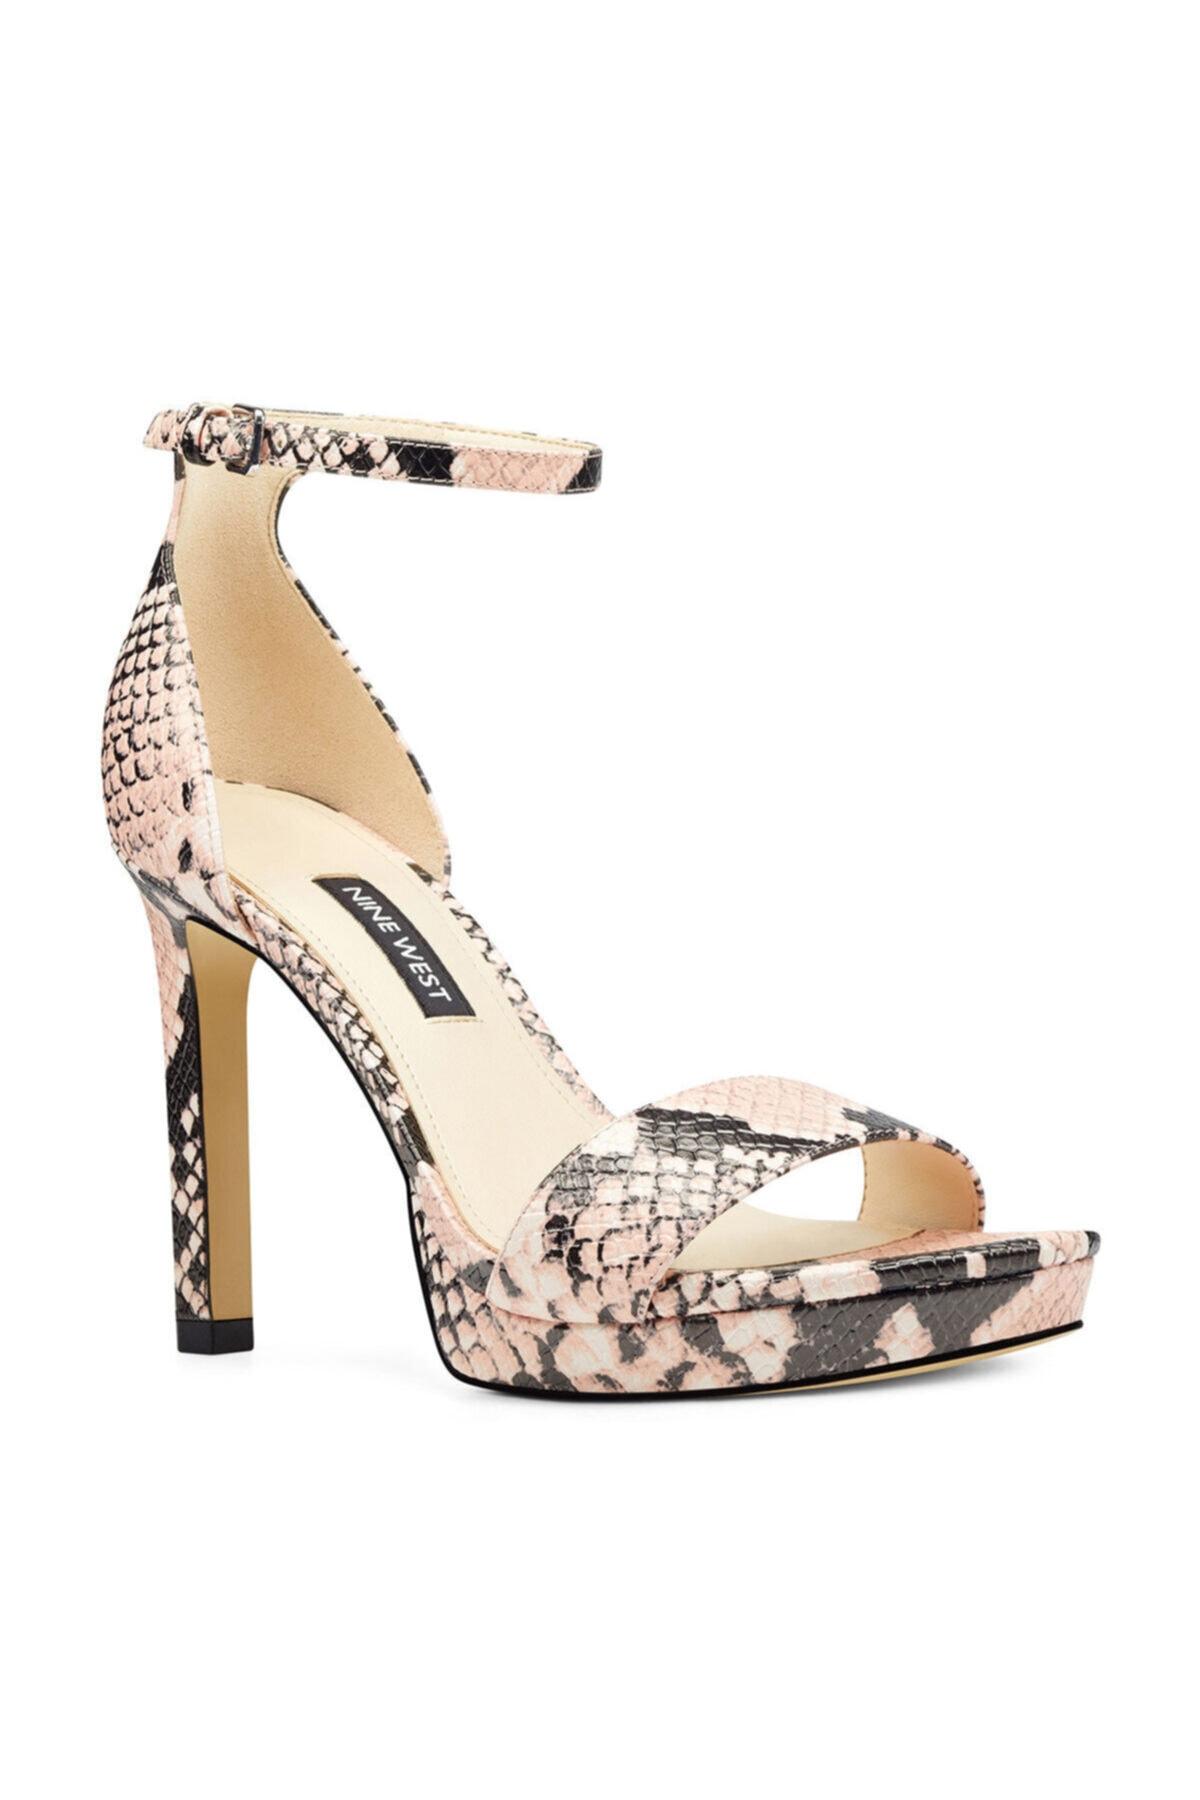 Nine West EDYN Pembe Kadın Topuklu Ayakkabı 100578630 2